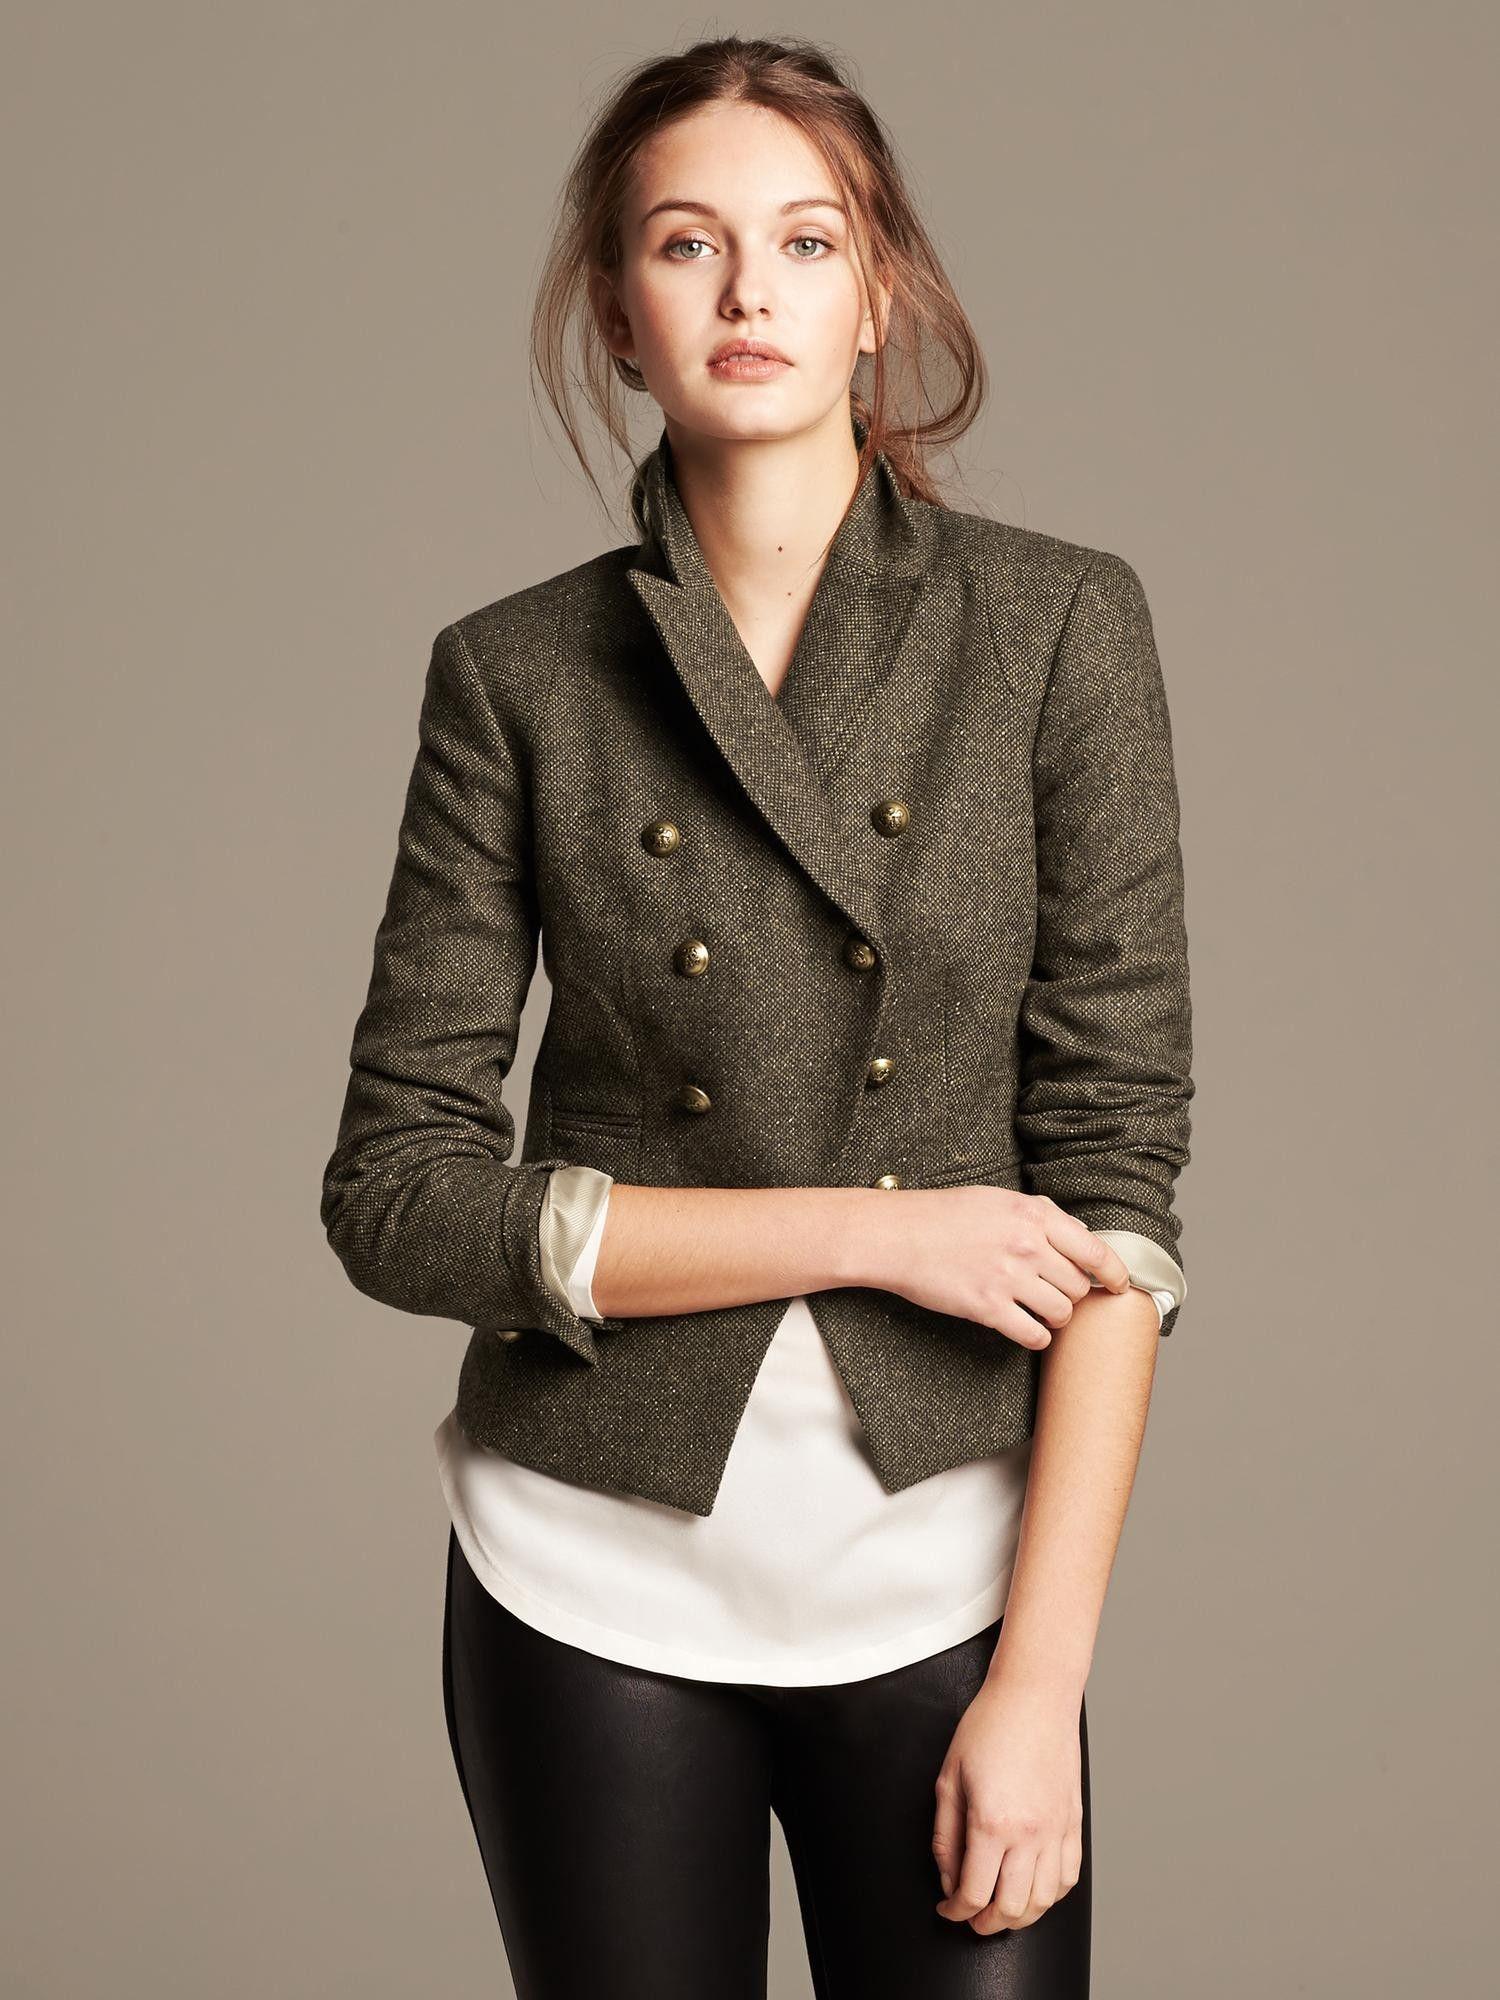 Bayan Blazer Ceketler Blazer Ceket Kiyafet Elbise Modelleri